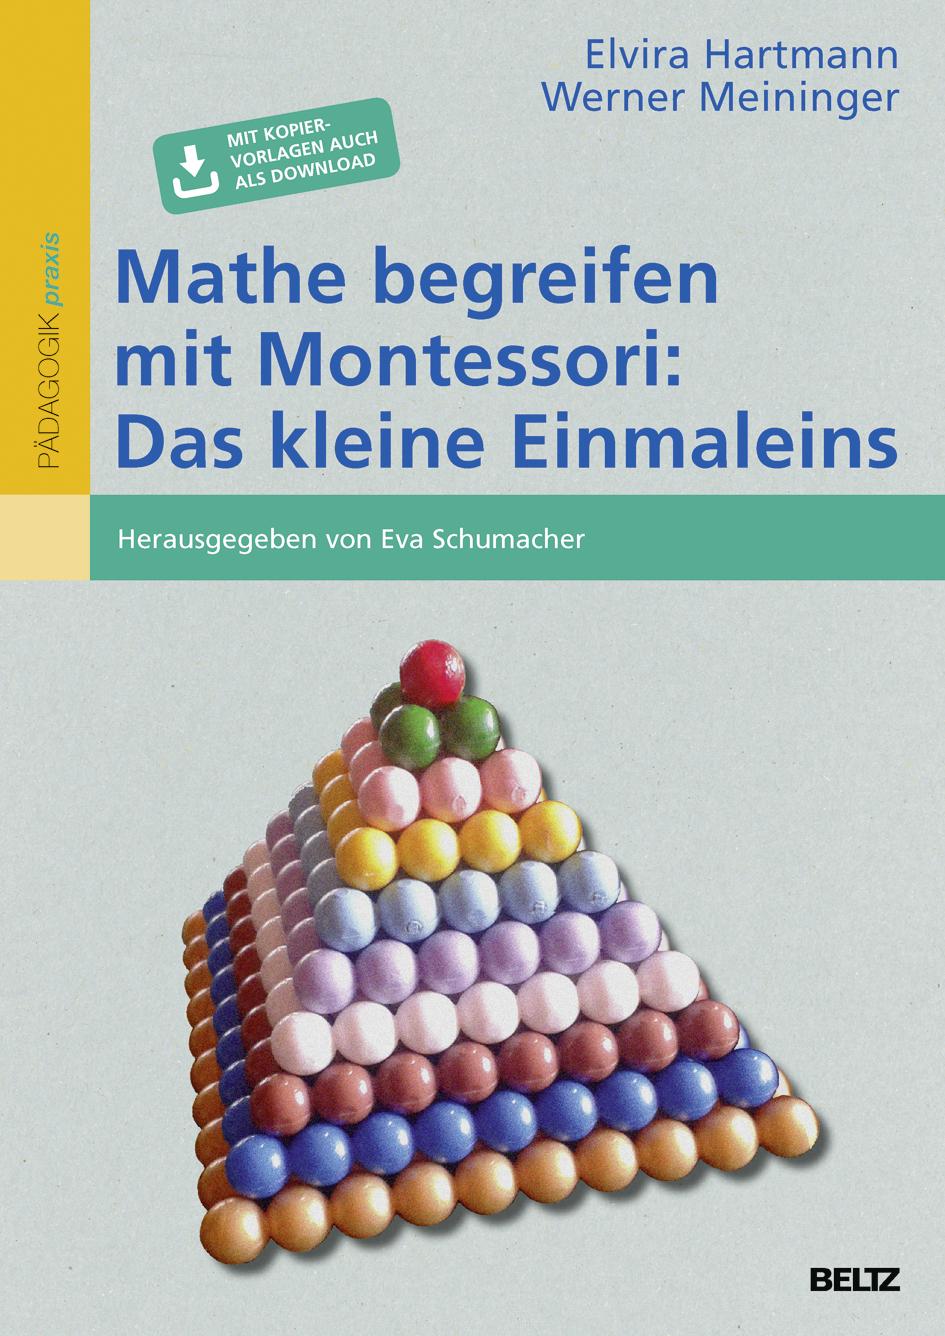 Mathe begreifen mit Montessori: Das kleine Einmaleins - Mit ...